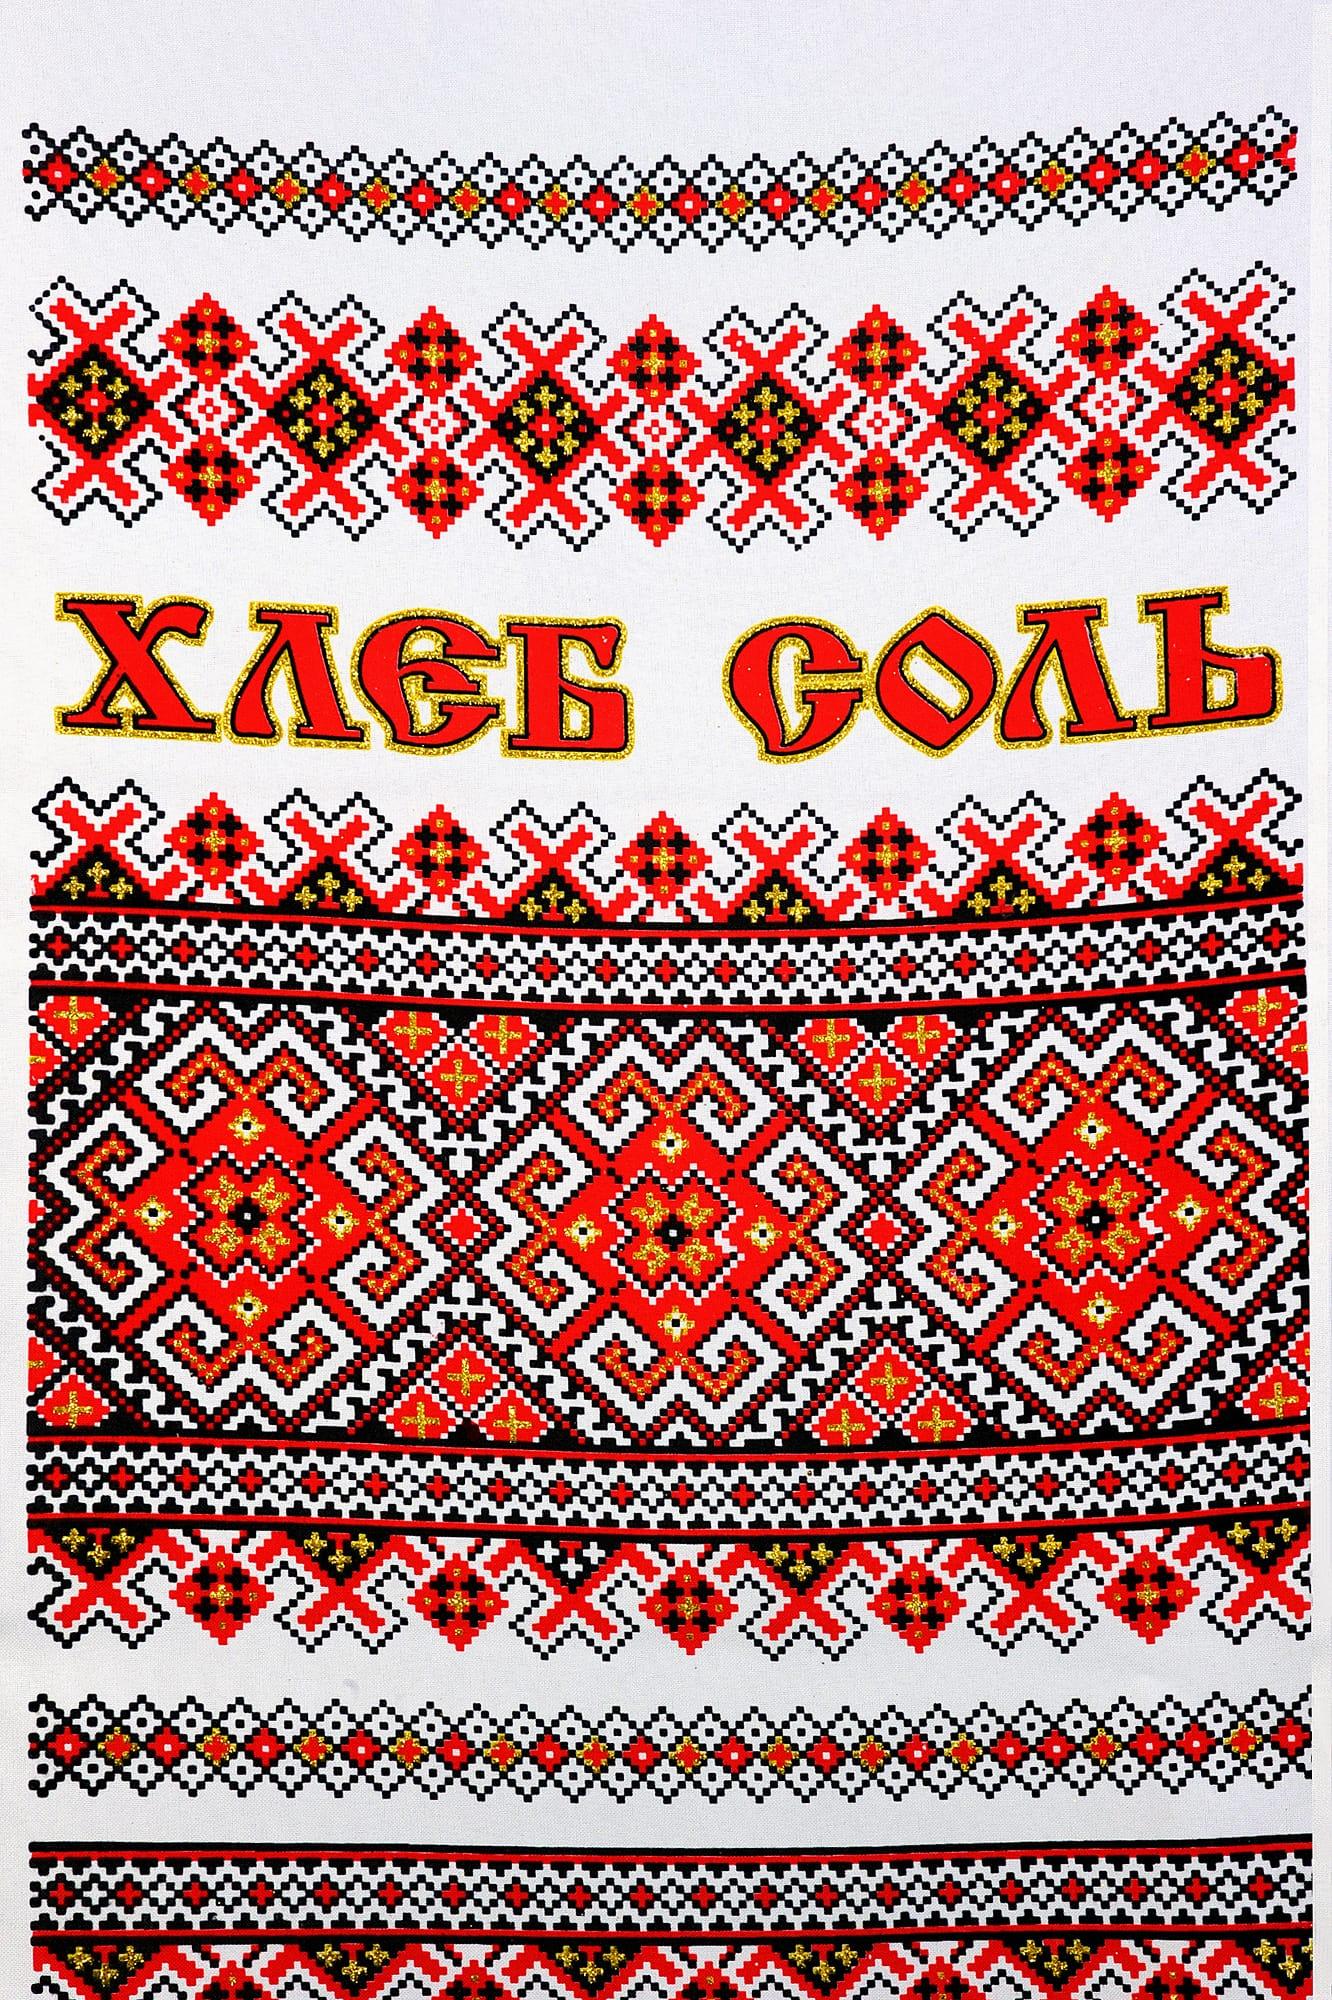 Традиционный свадебный рушник с красно-оранжевым узором в этническом стиле.